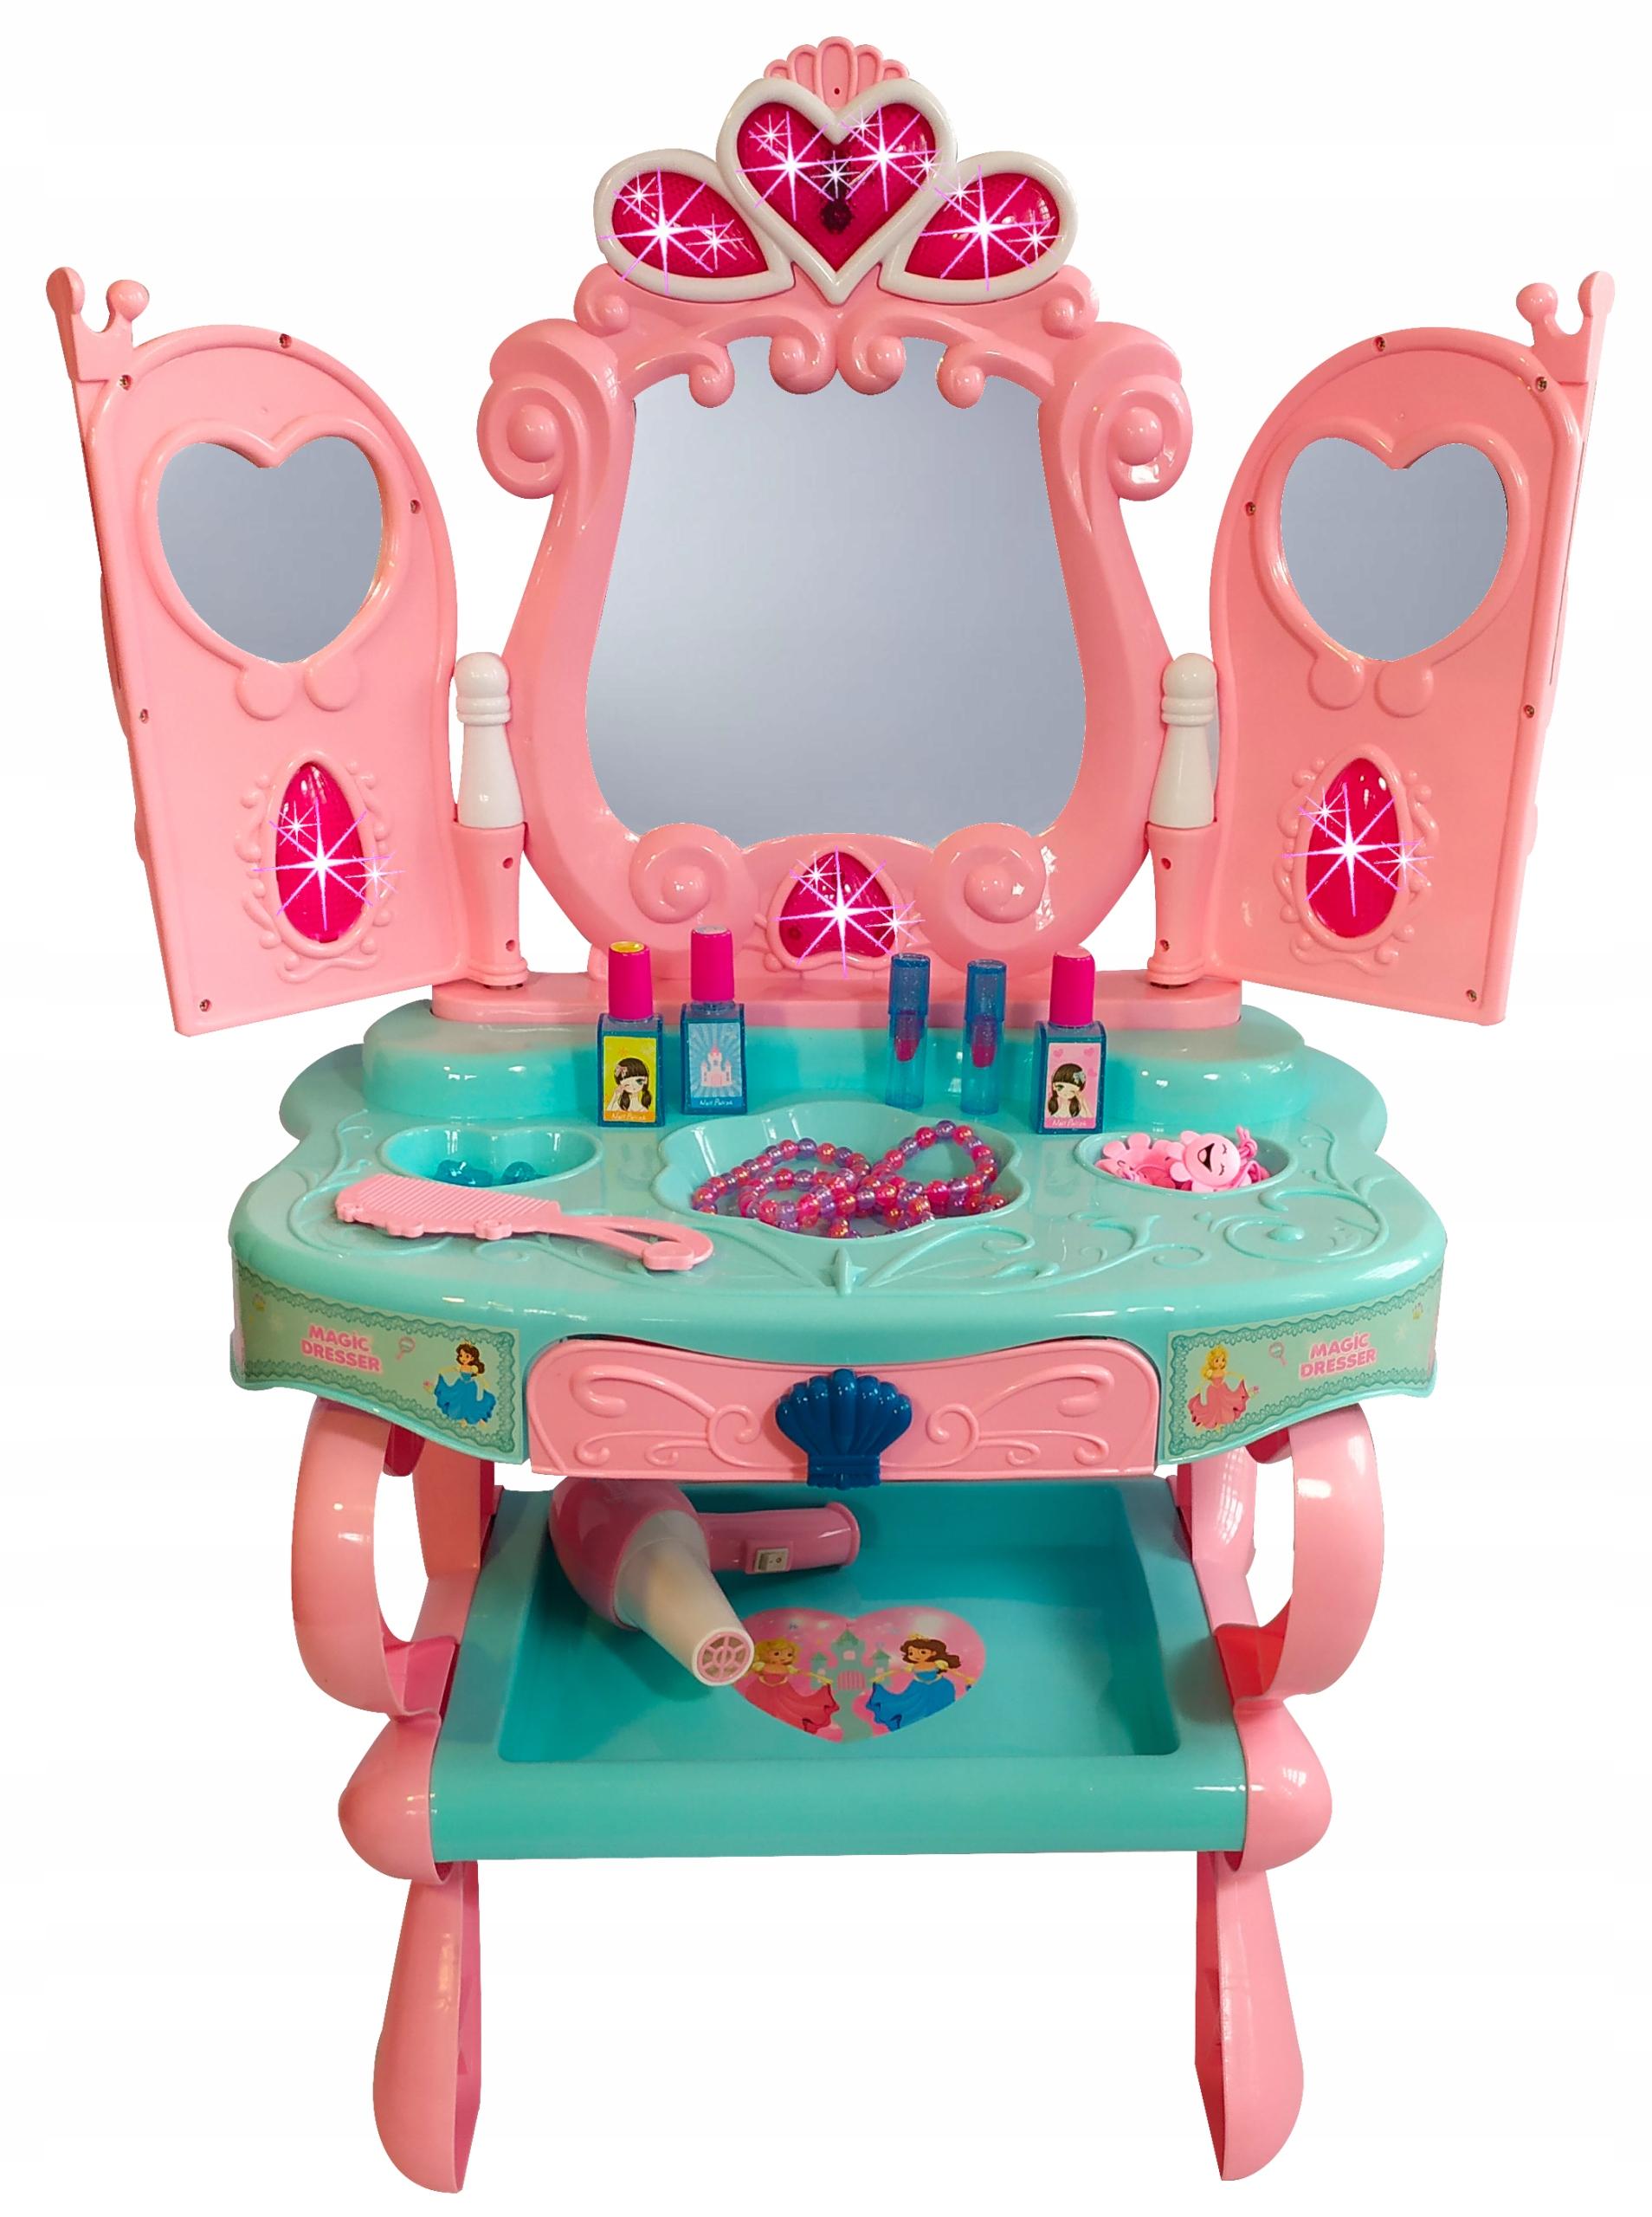 Dievčenské toaletné vozidlo 3 ZRKADLÁ SNÍMAČA ZRKADLA